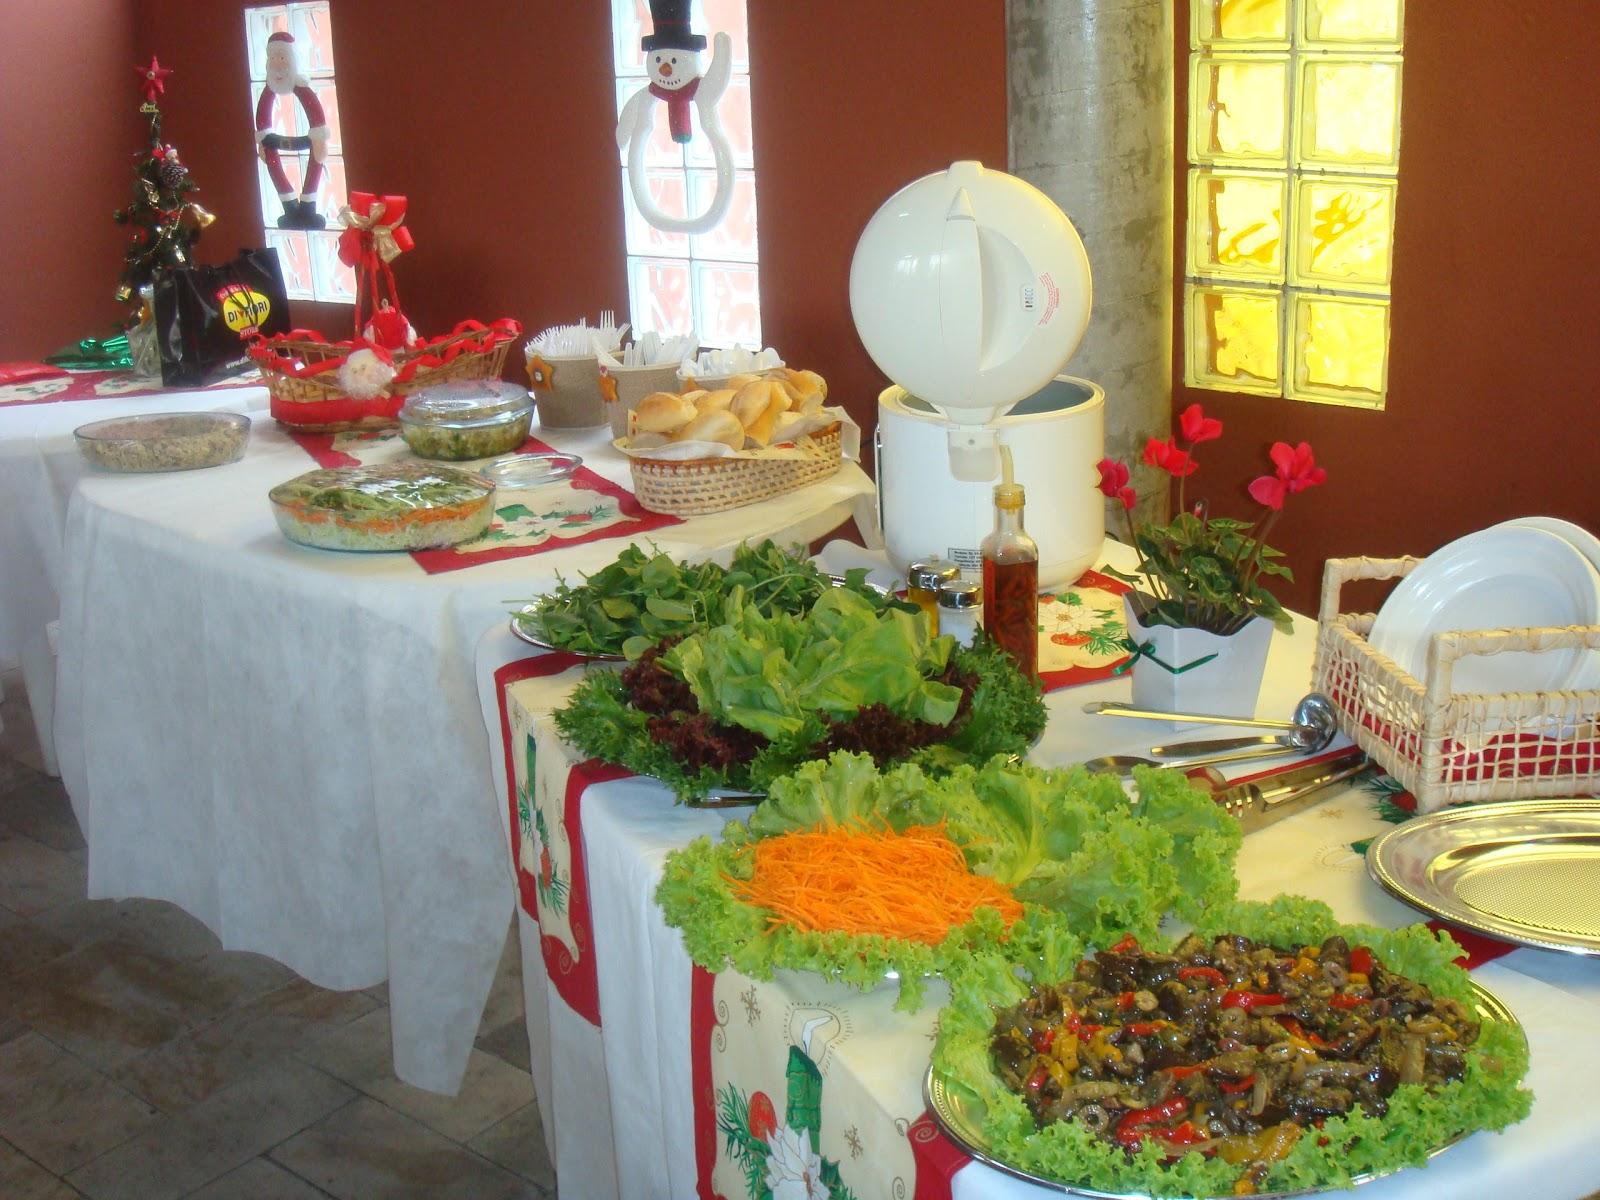 decoracao festa natal:Decoração de Natal, Natal, Churrasco, Festa